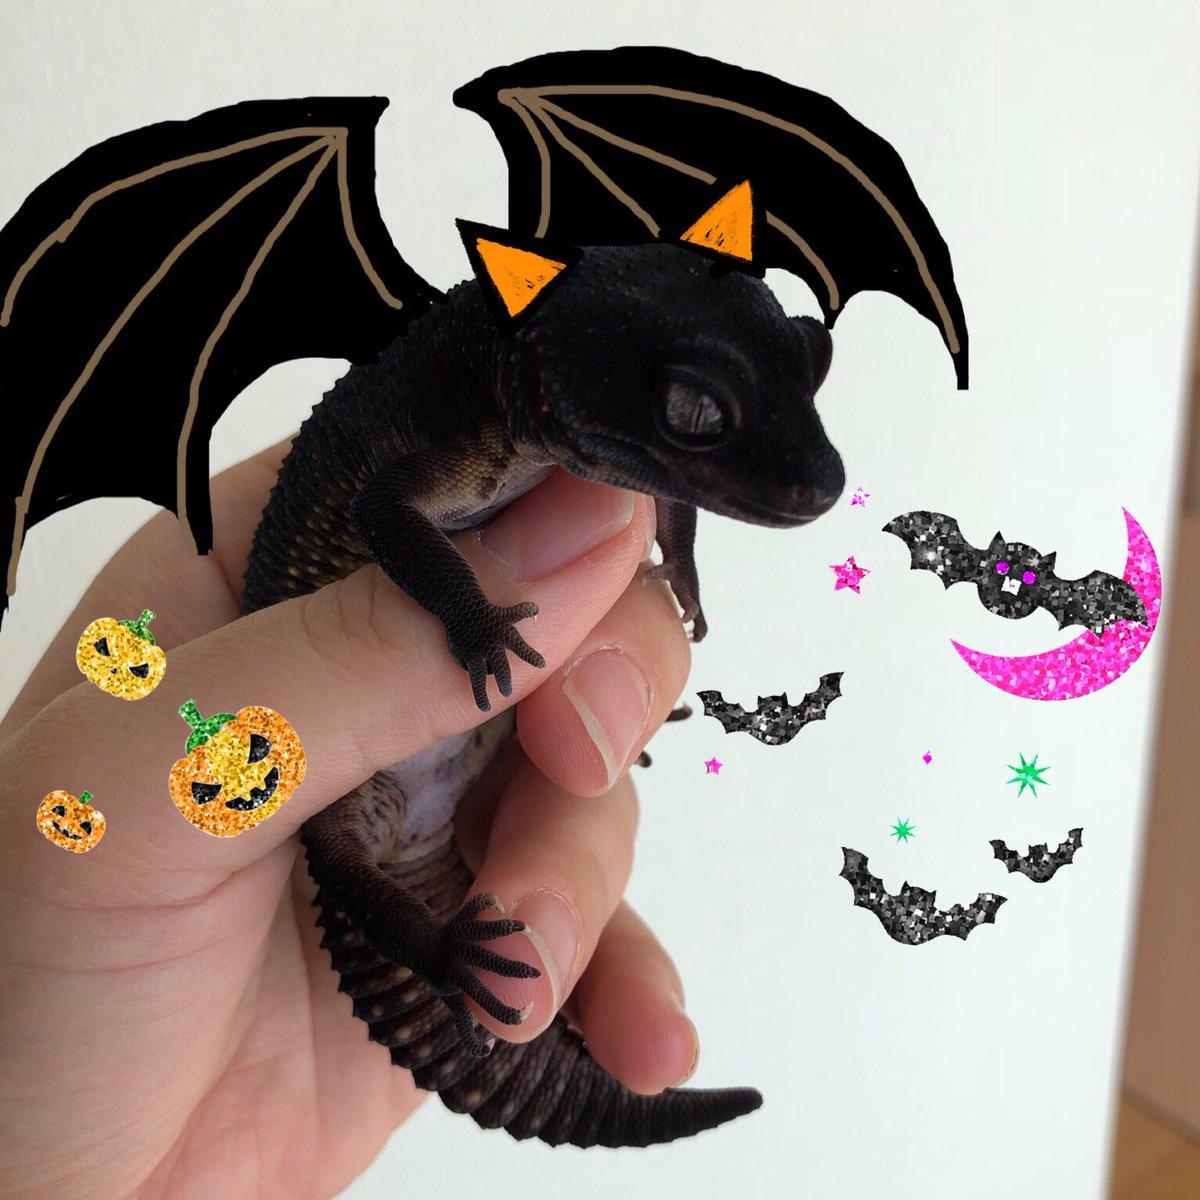 もうすぐハロウィンだ ❣️  今日はちびドラゴン捕まえたょ( ^ω^ )